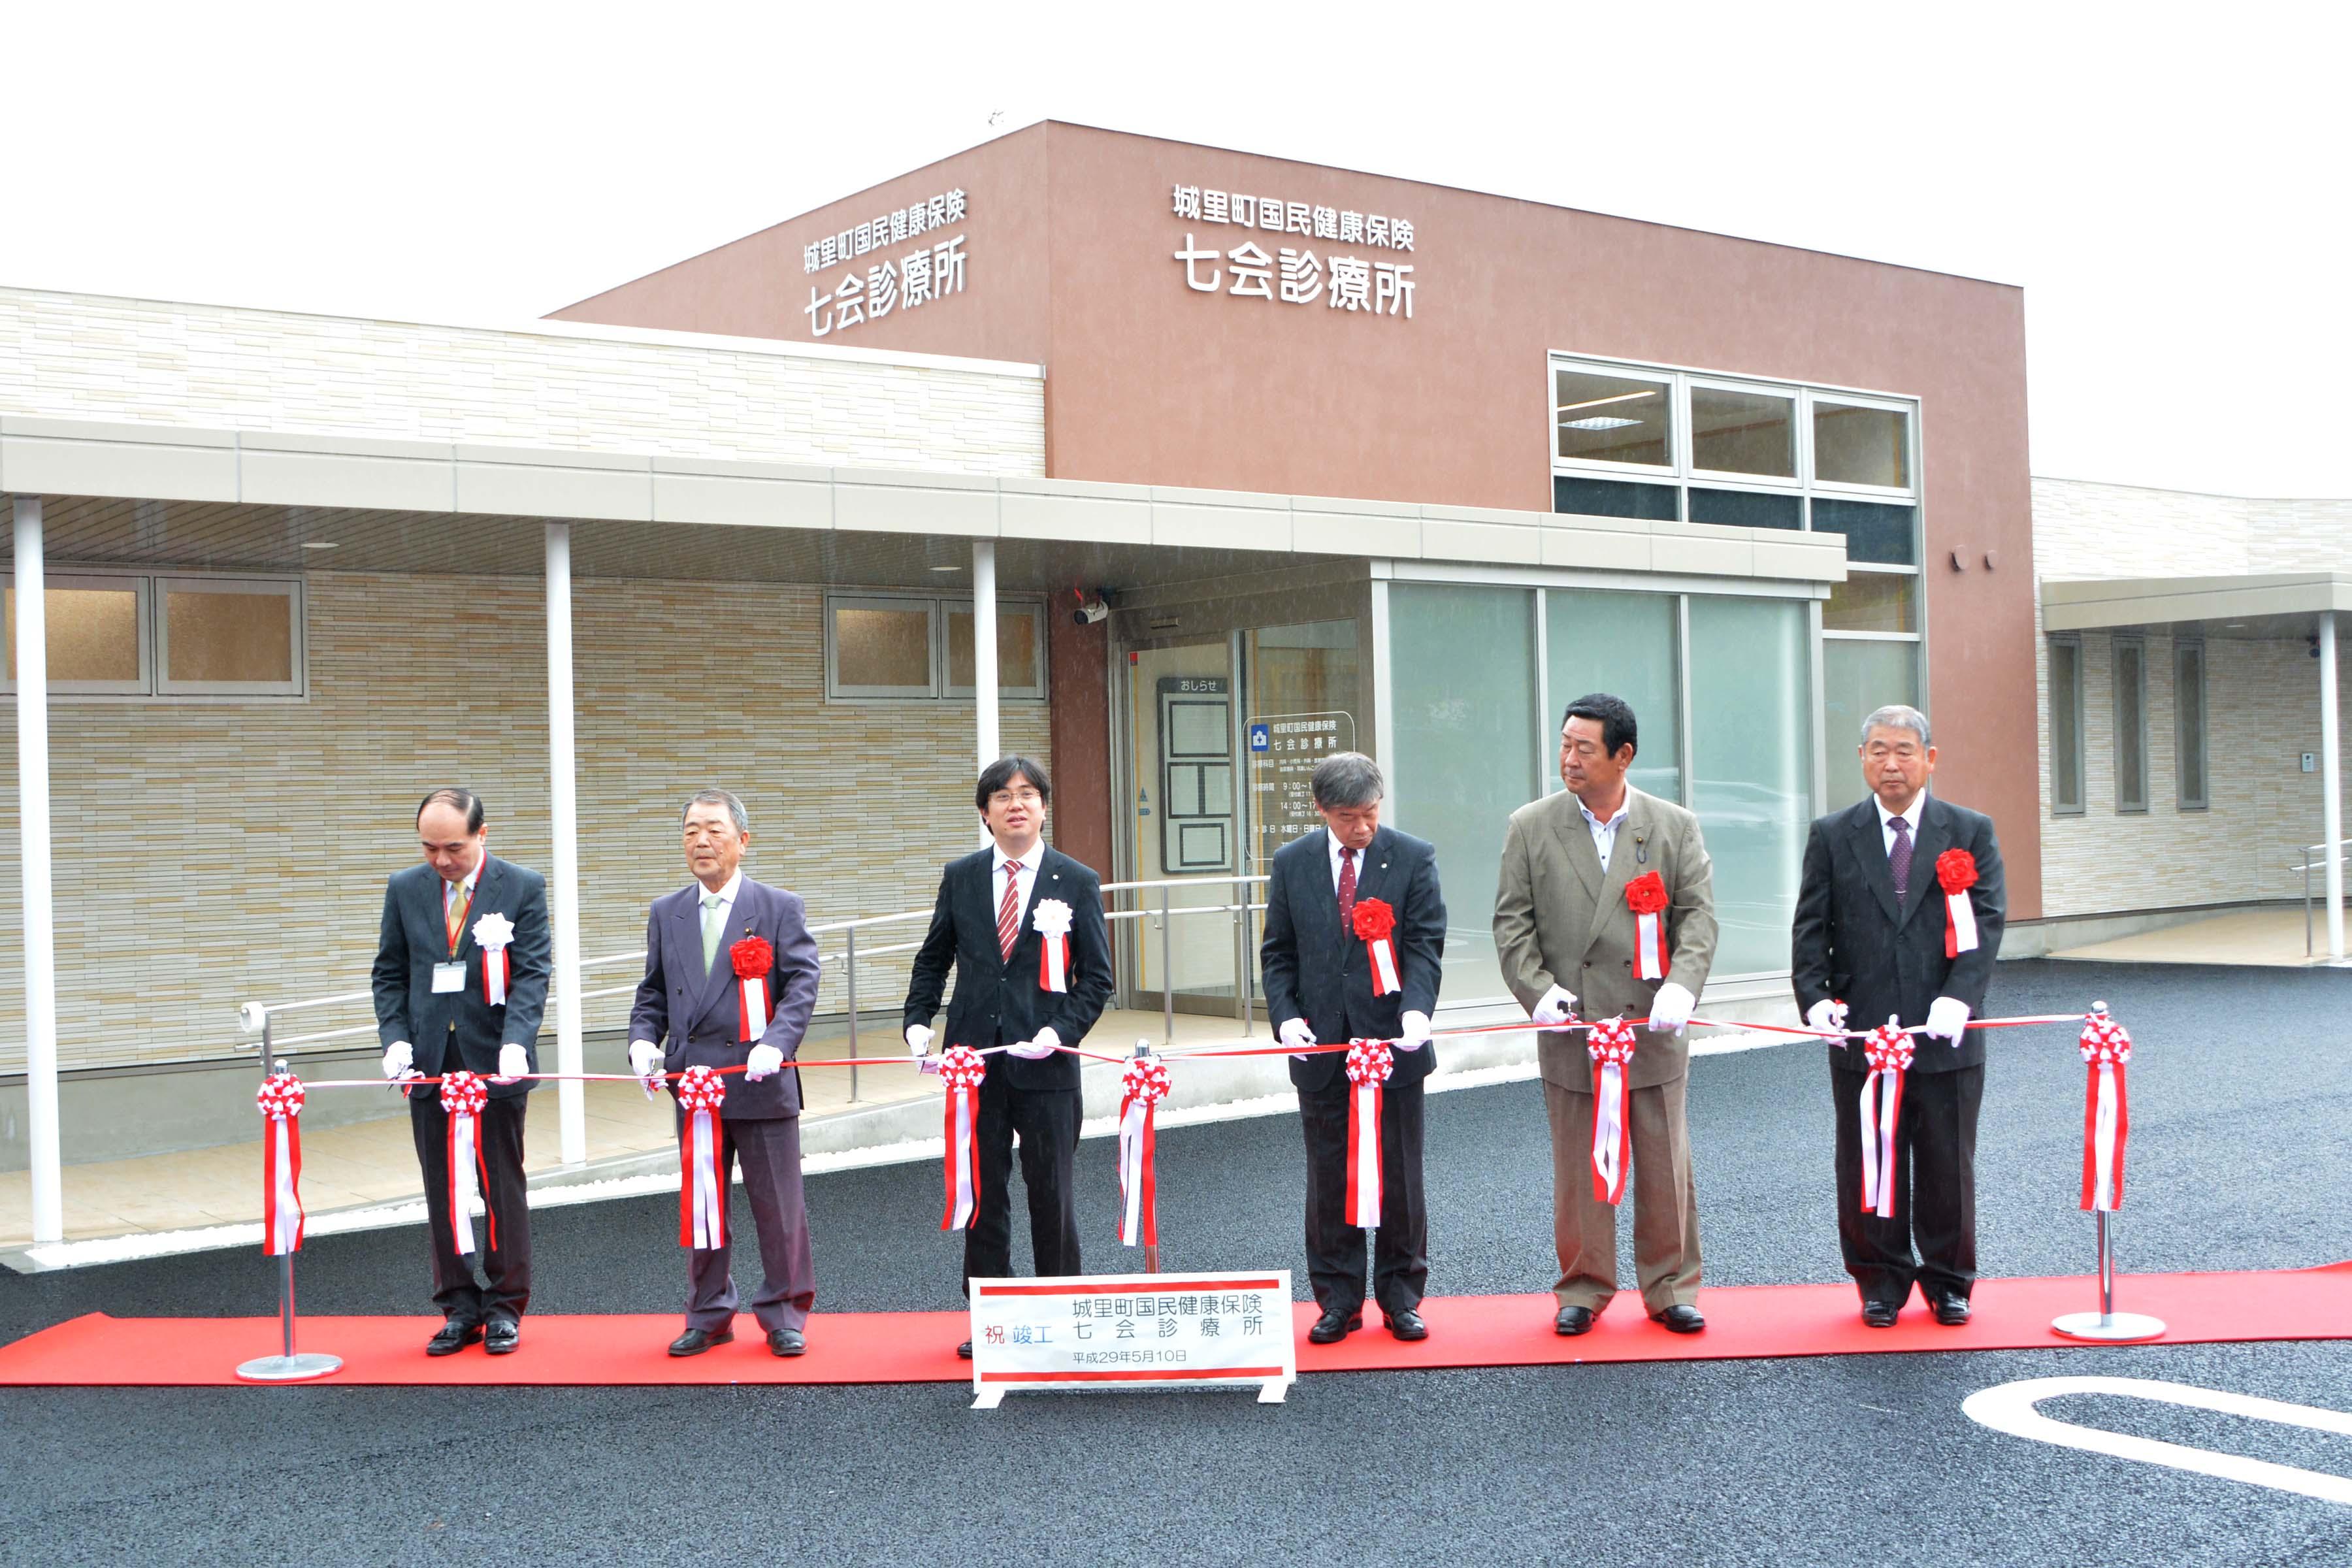 『町長フォトニュース 七会診療所竣工式』の画像